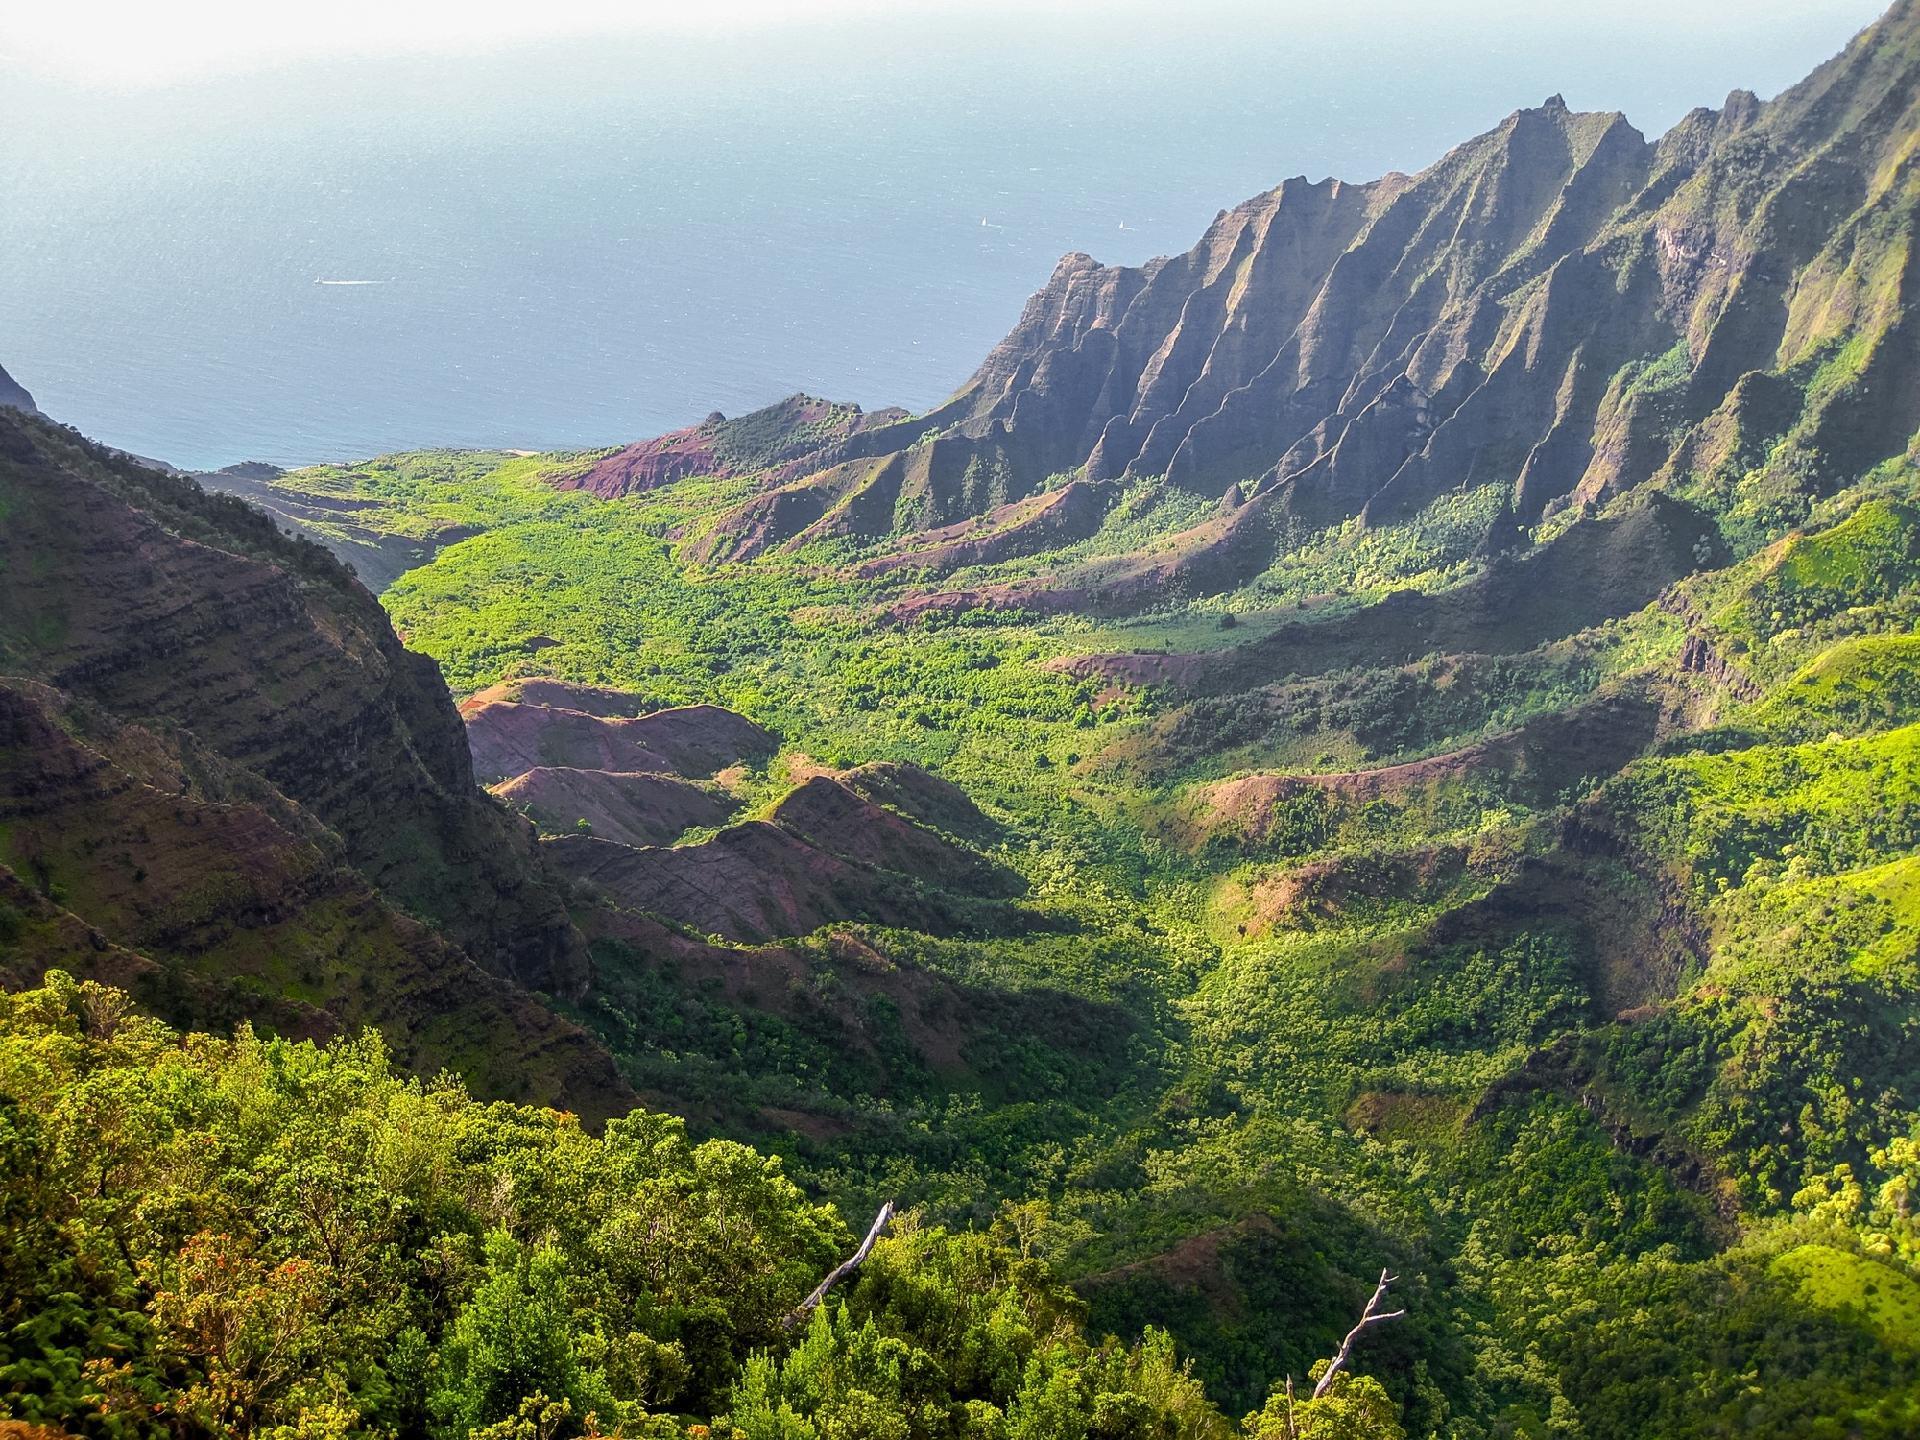 Havaí não é só surfe: veja atrativos incríveis do arquipélago americano